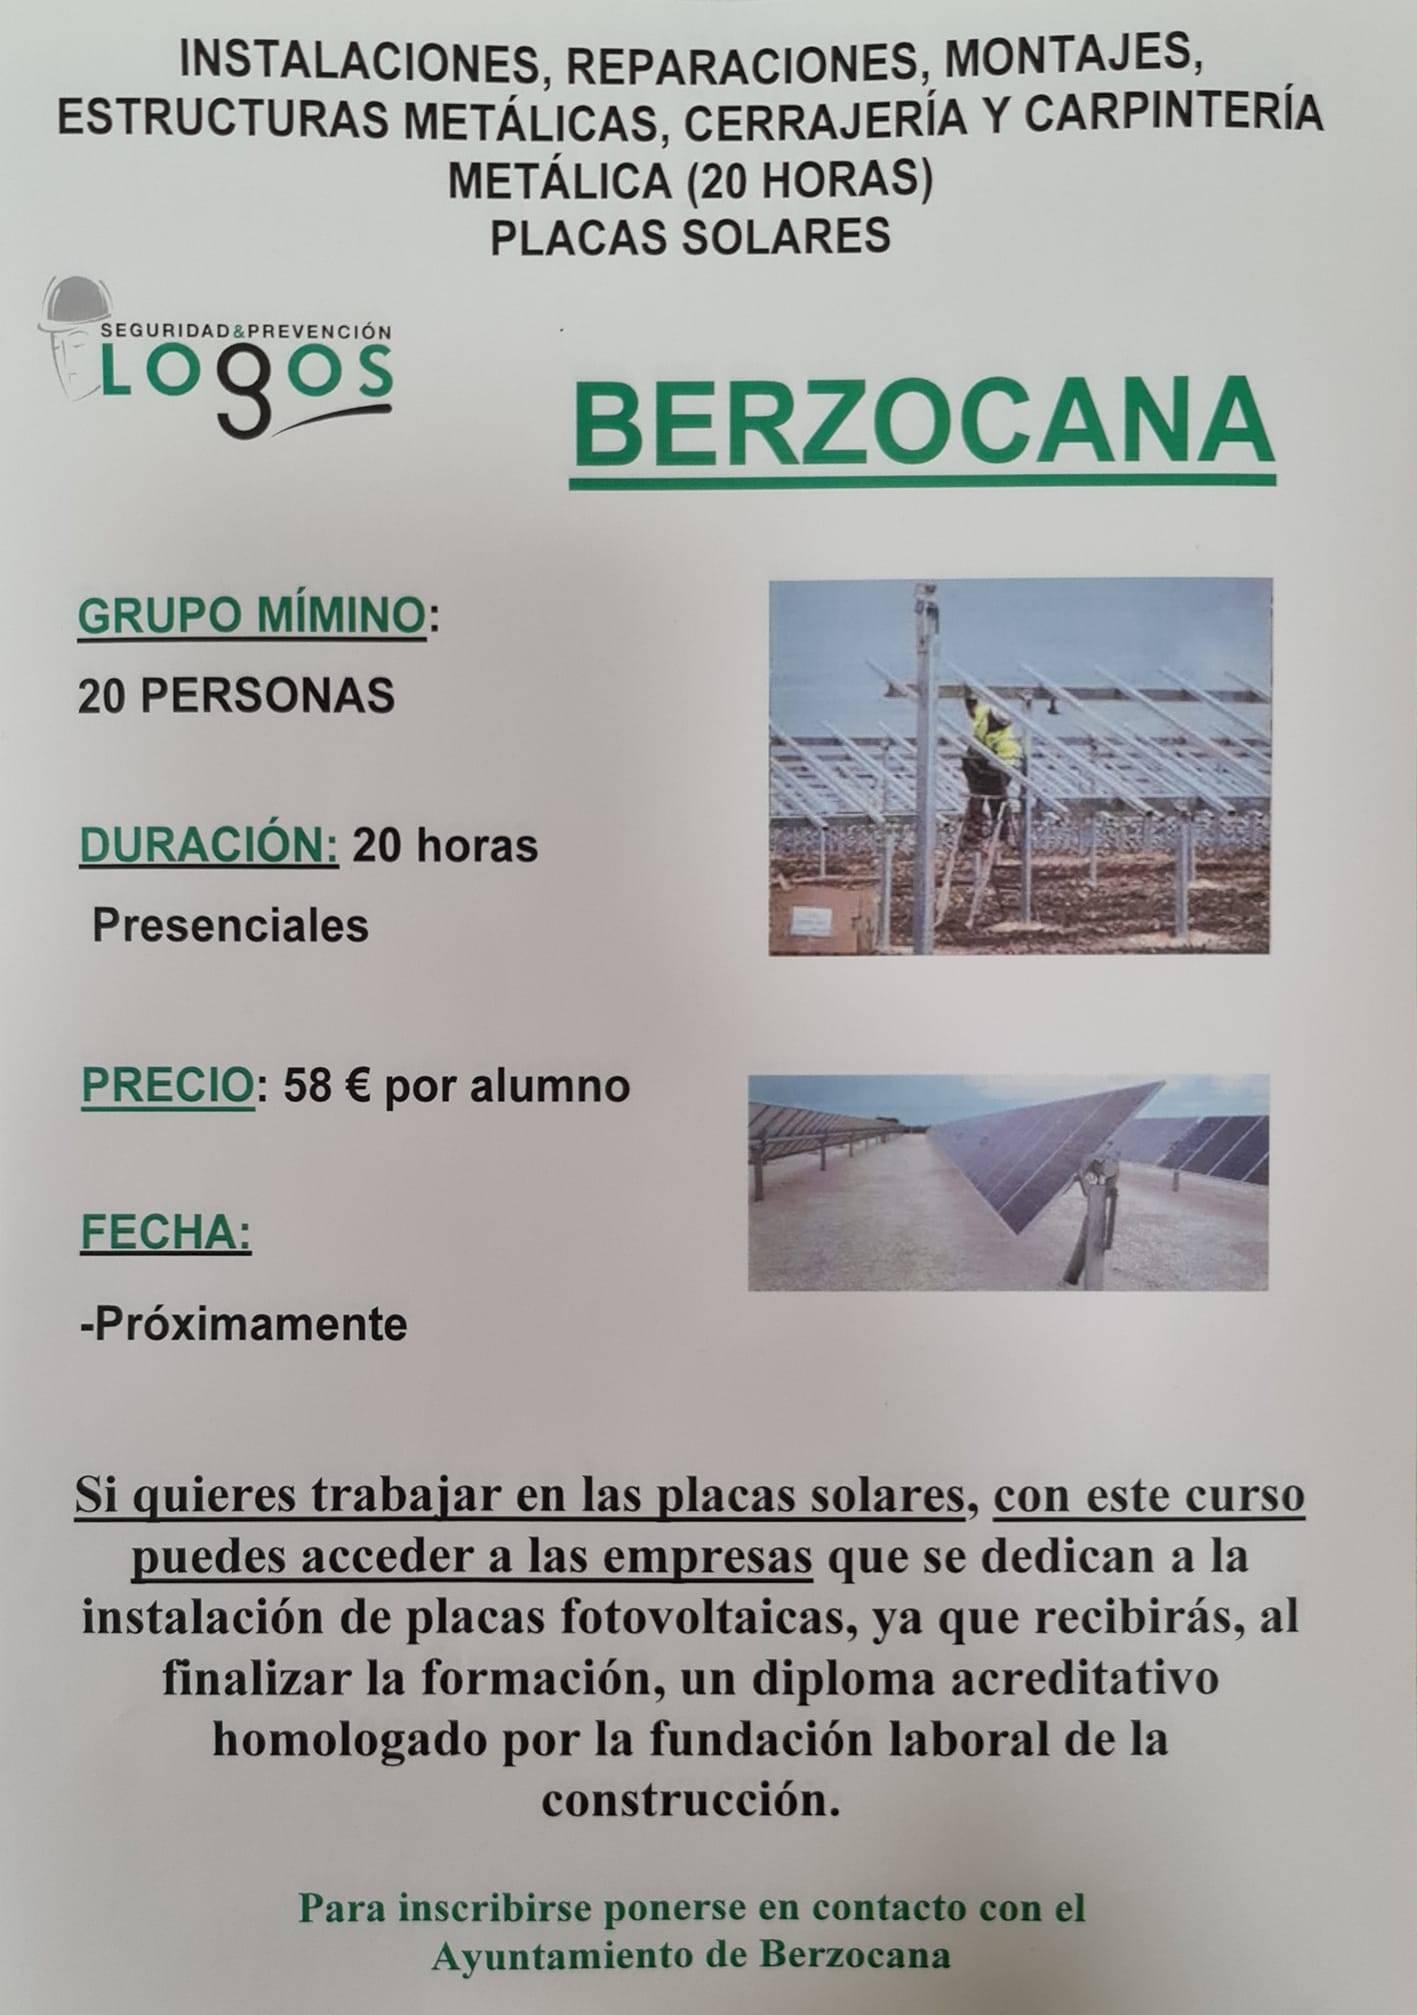 Curso de placas fotovoltaicas (2021) - Berzocana (Cáceres)